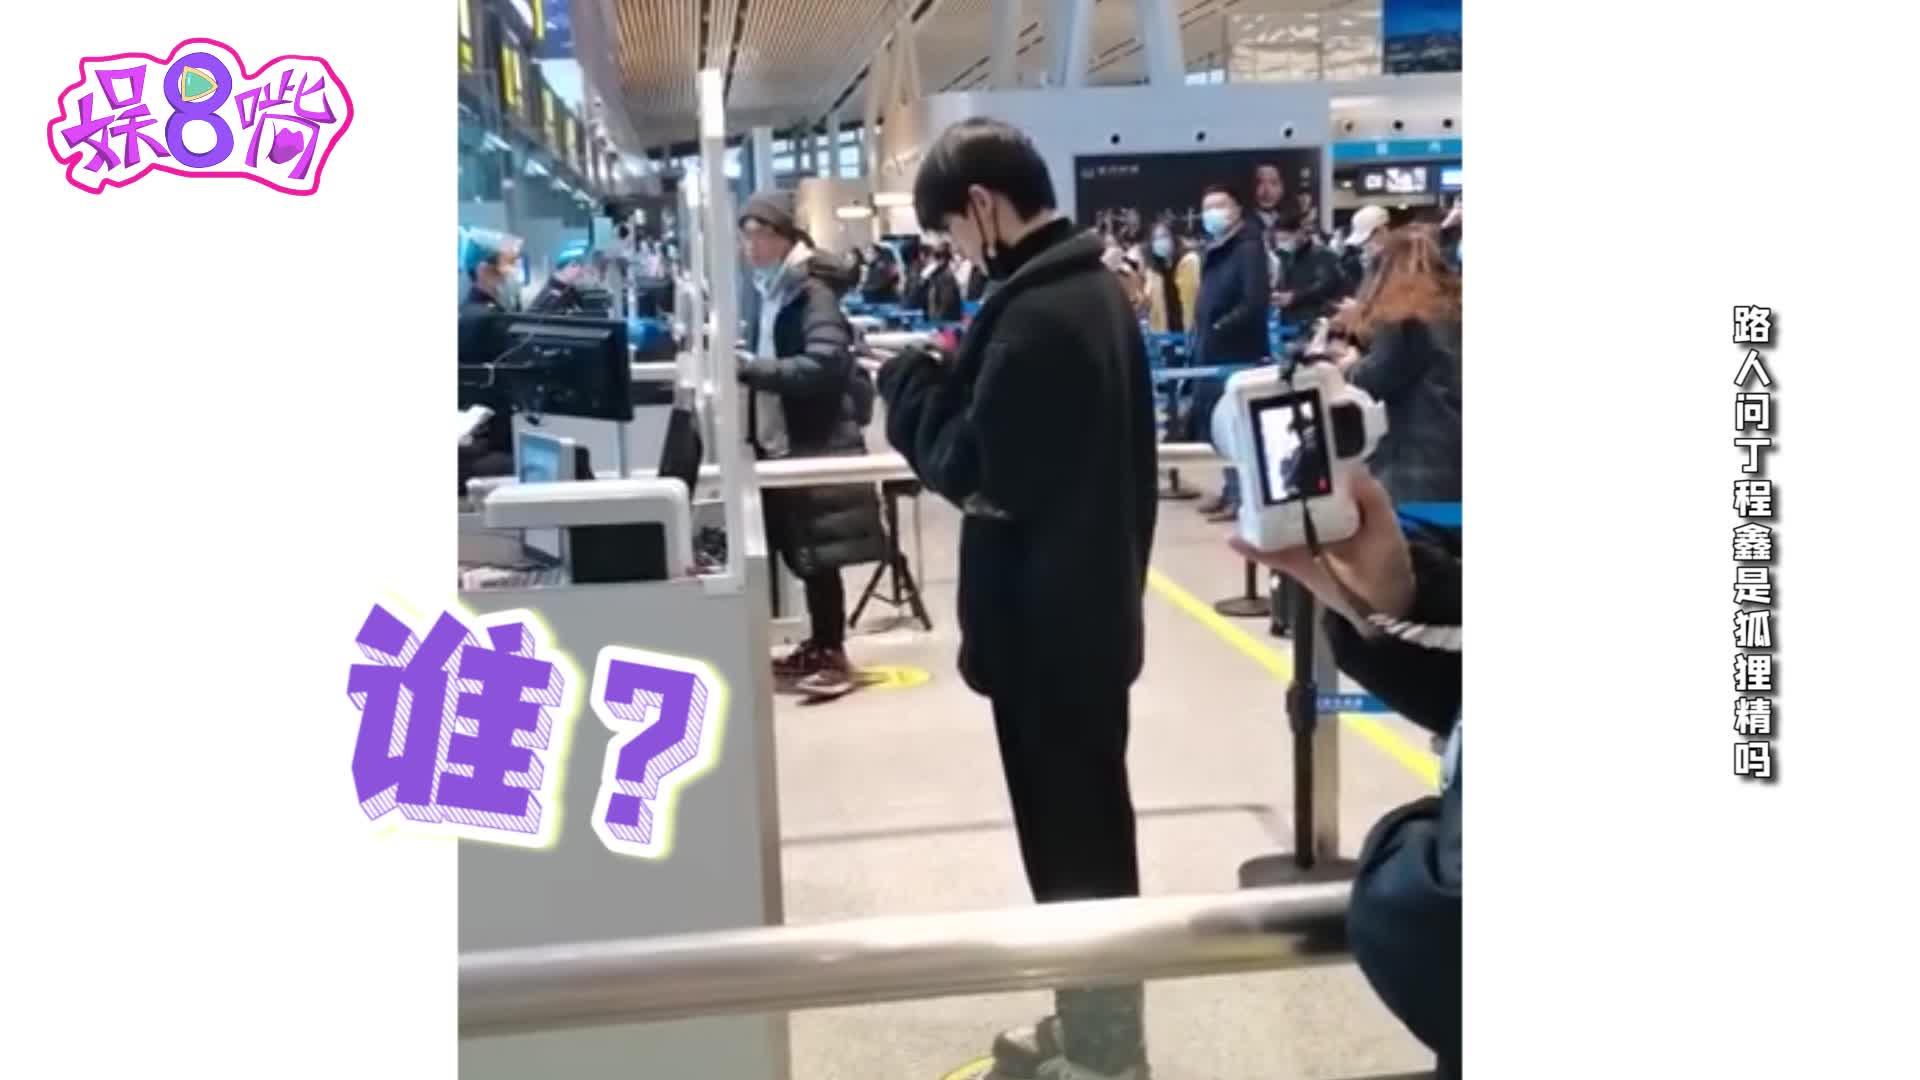 丁程鑫粉丝机场接机引路人好奇询问:丁程鑫是那个狐狸精吗?